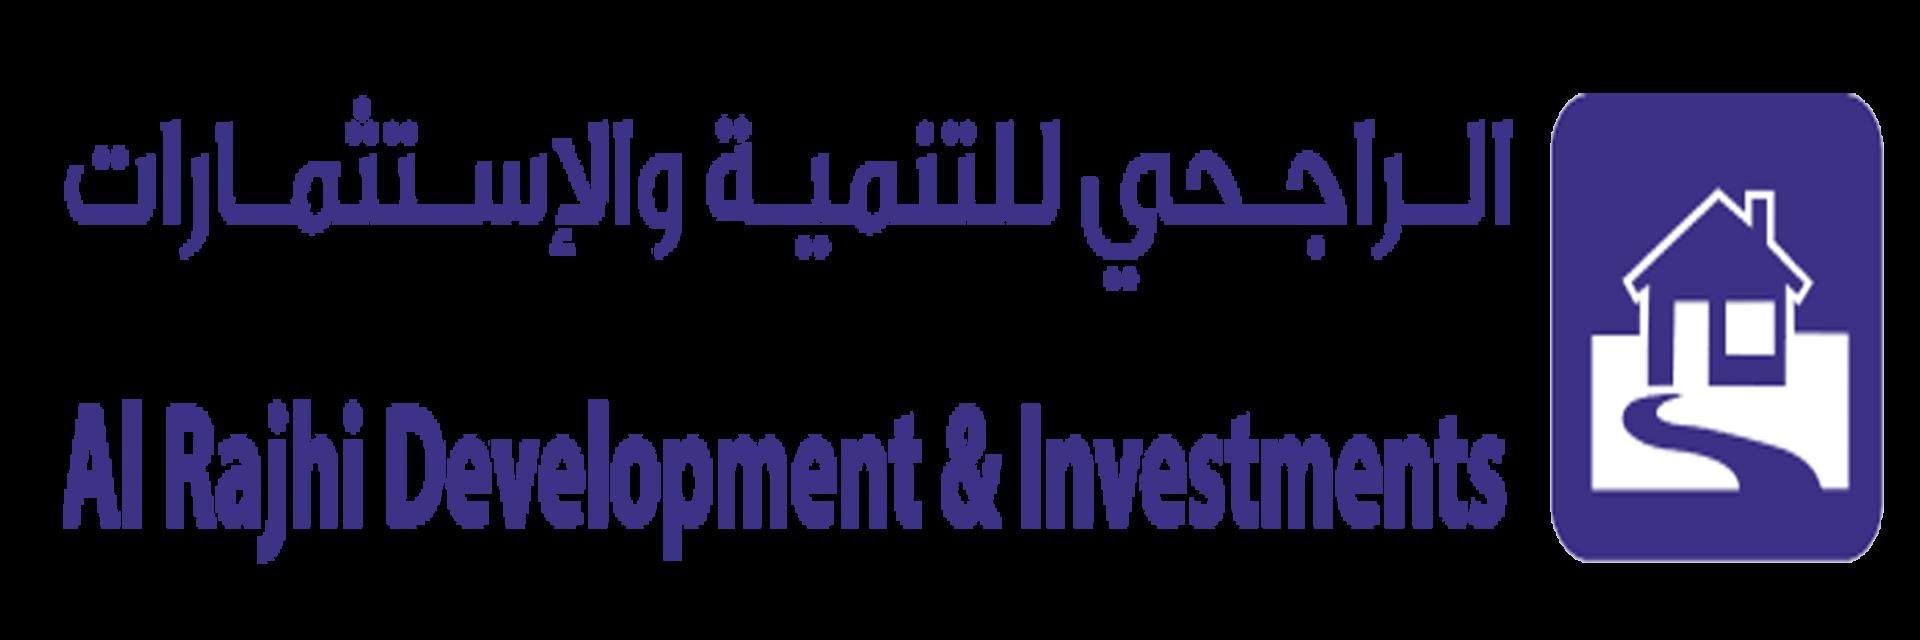 الرئيسية الراجحي للتنمية و الاستثمارات العقارية